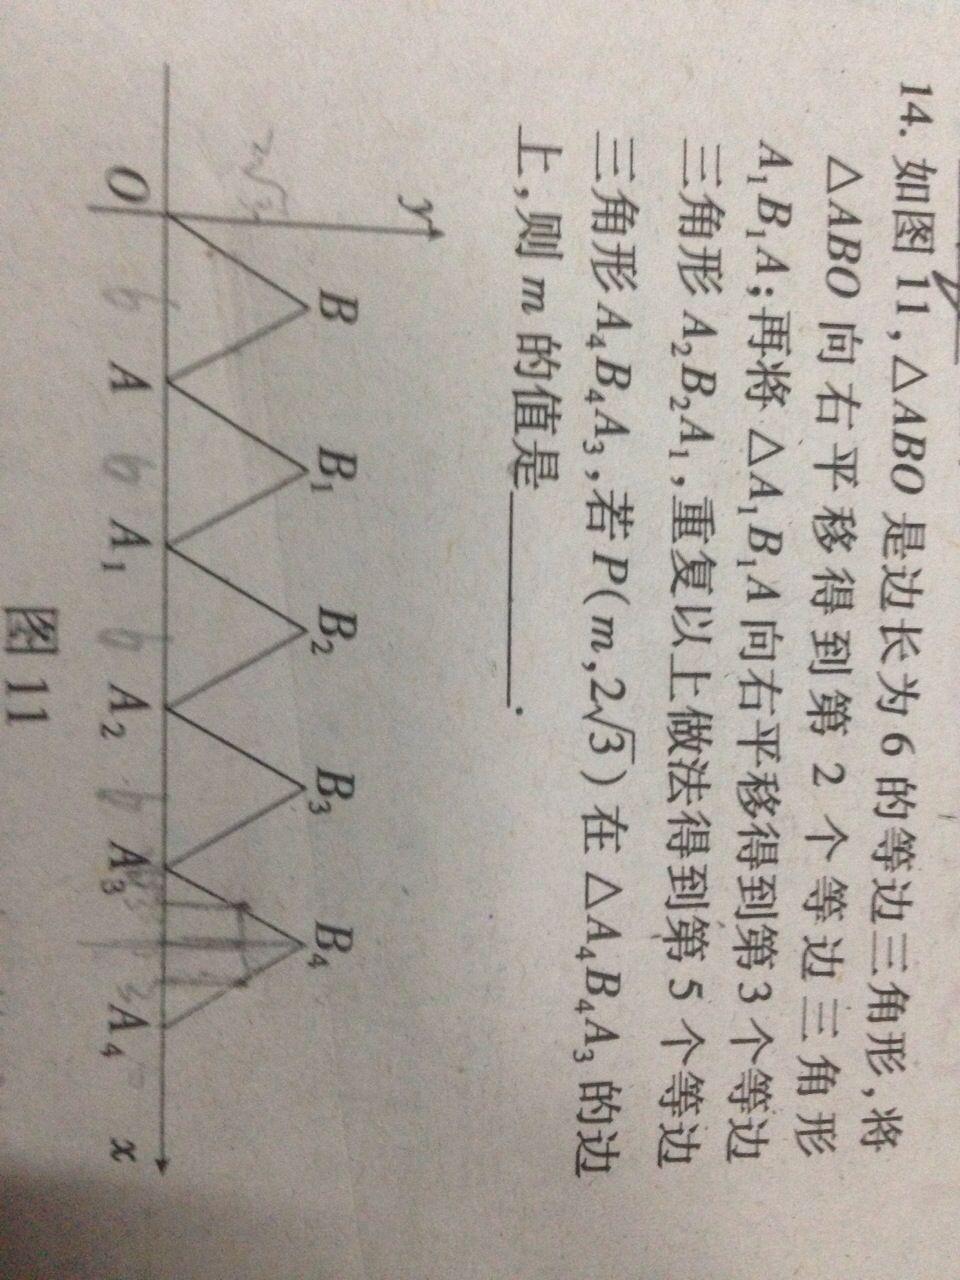 初二的数学题,联点不出来,我给忘了,求具体的做方法化深入包真想手把手教常态图片